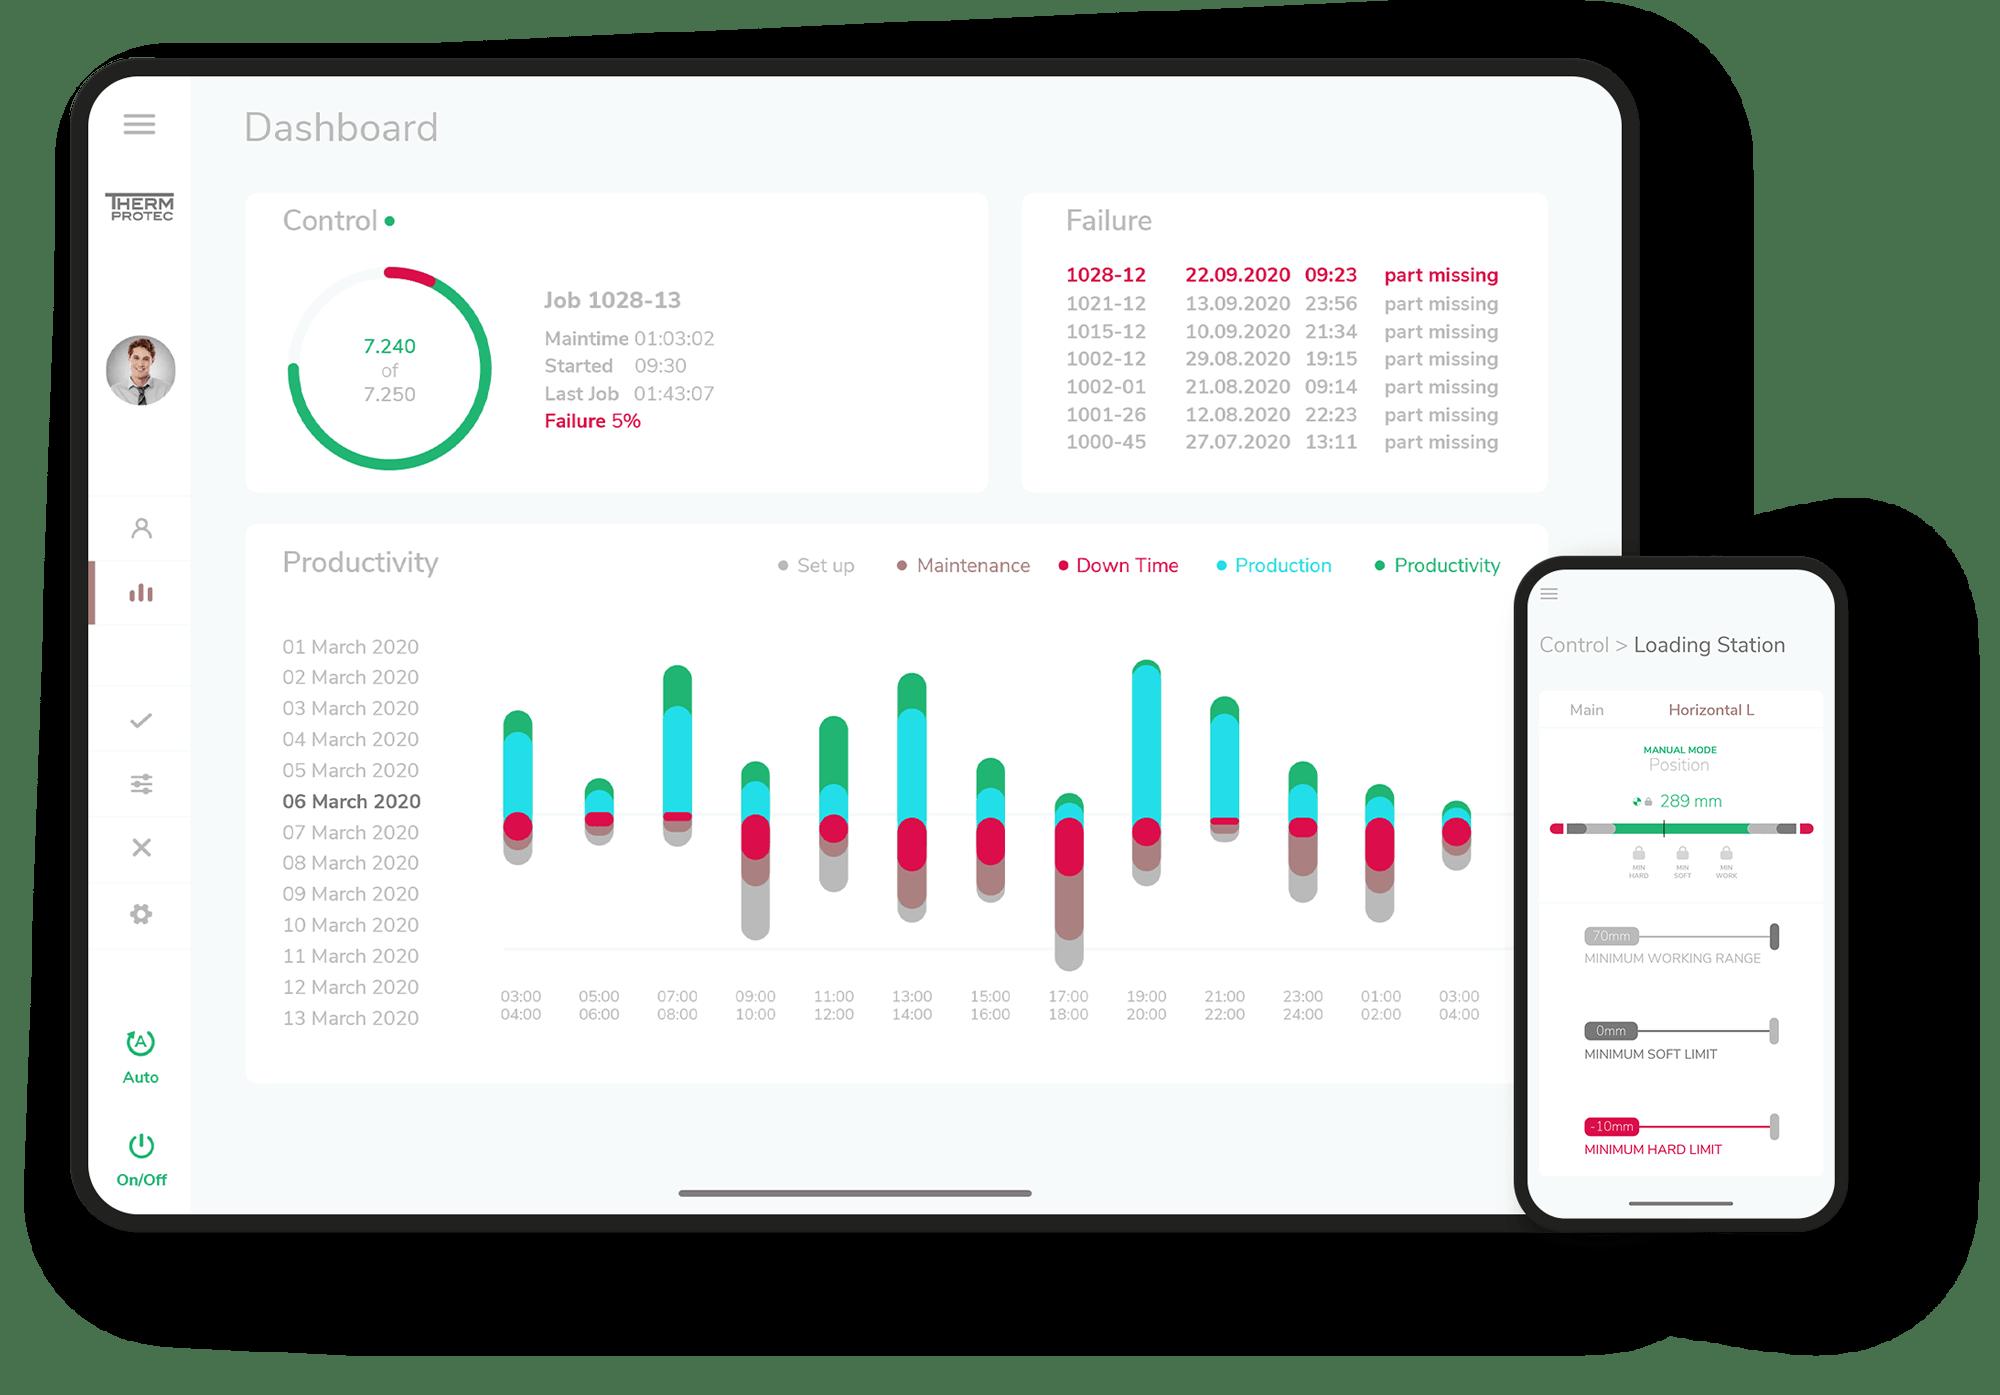 kopfmedia-werbeagentur-offenburg-user-interface-design